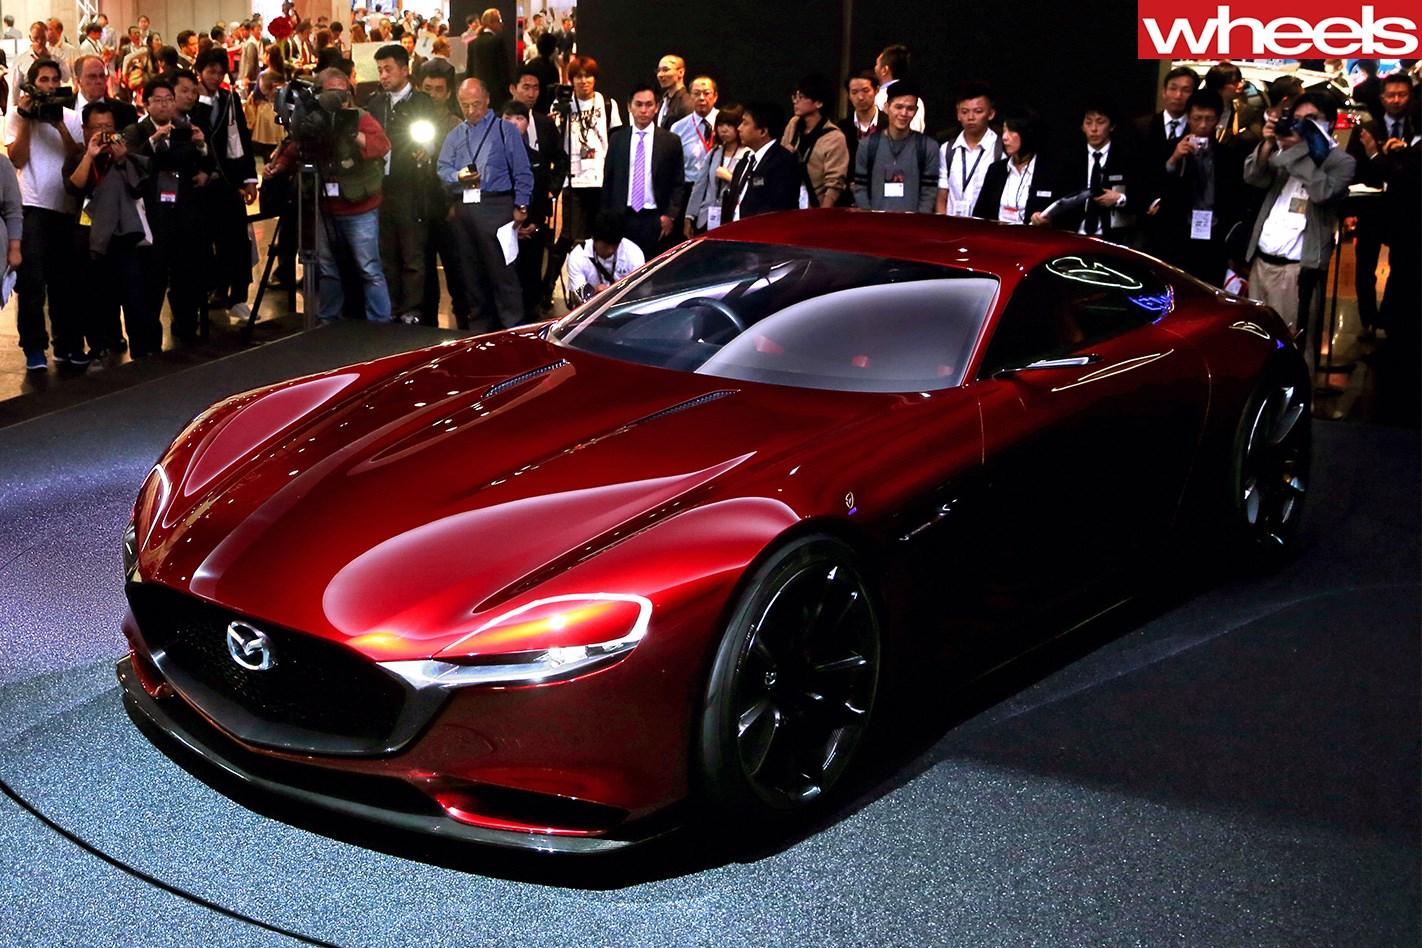 Mazda -rx -vision -concept -car -Mazda -1422